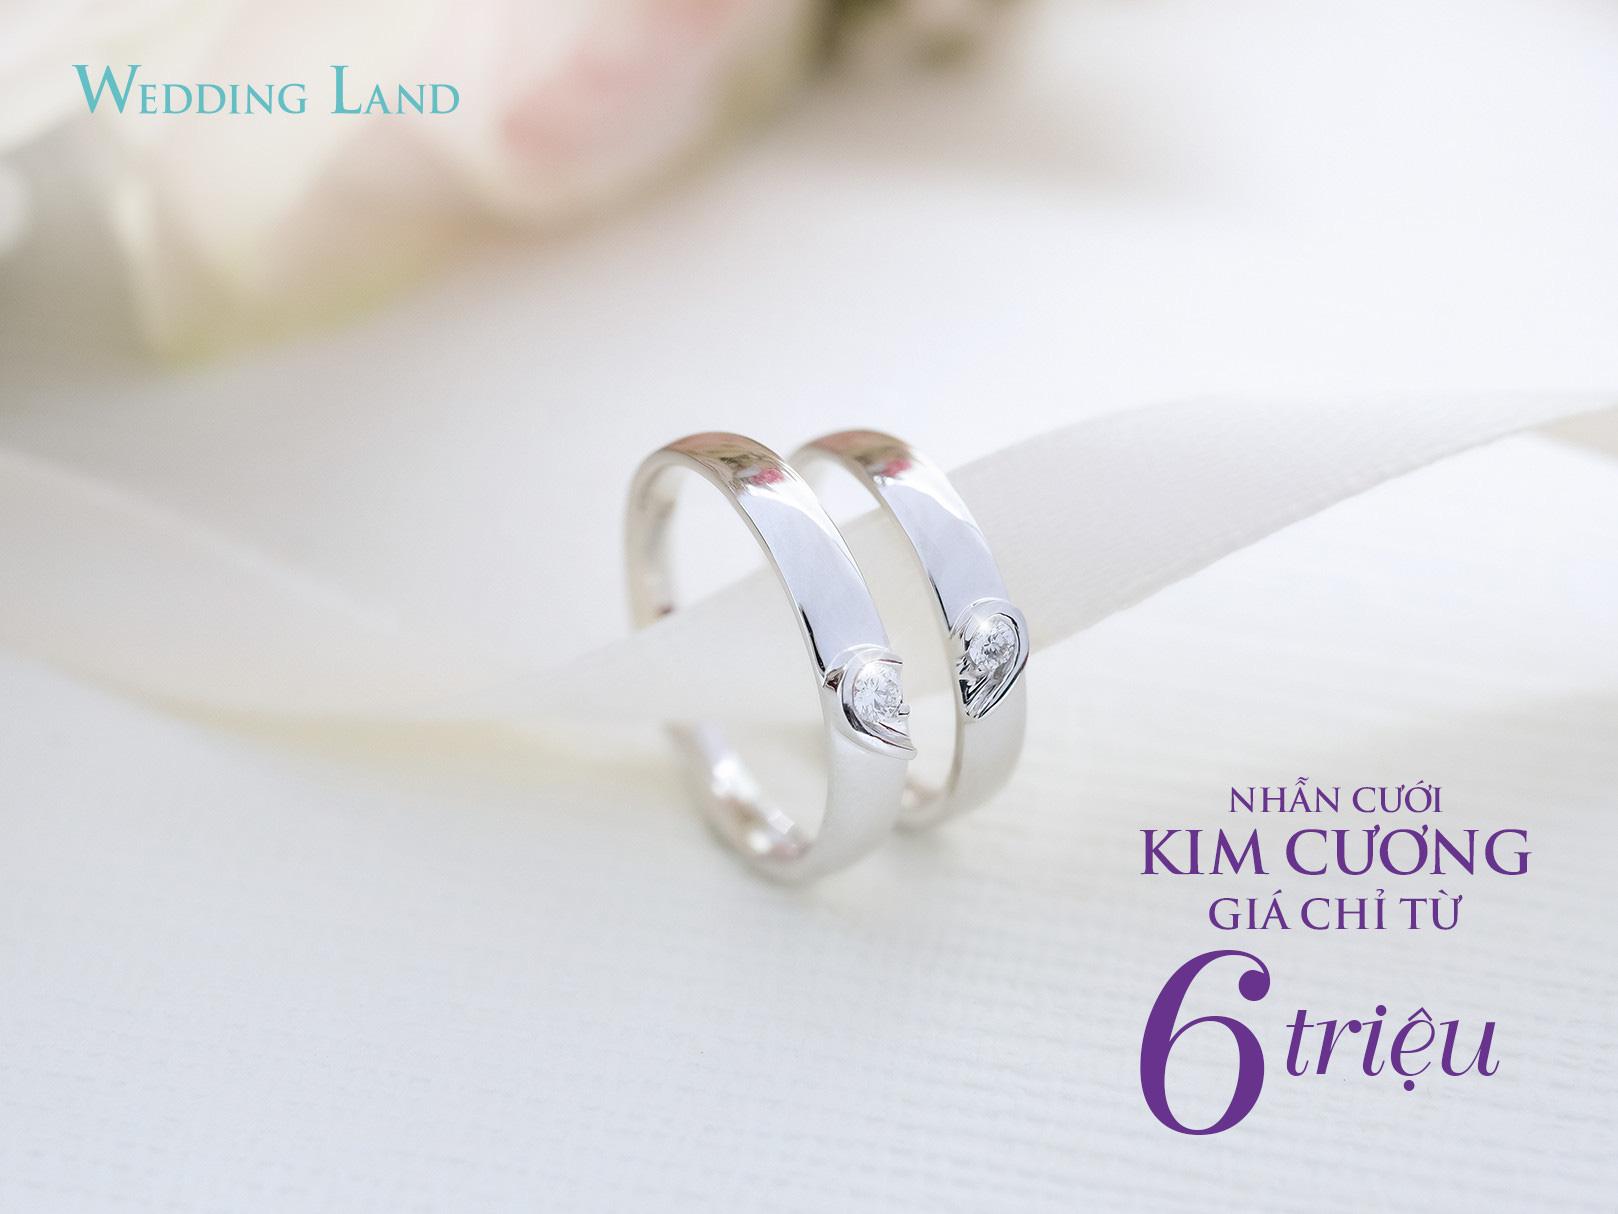 Cận cảnh nhẫn cưới kim cương giá 6 triệu đồng hot nhất thị trường - Ảnh 3.